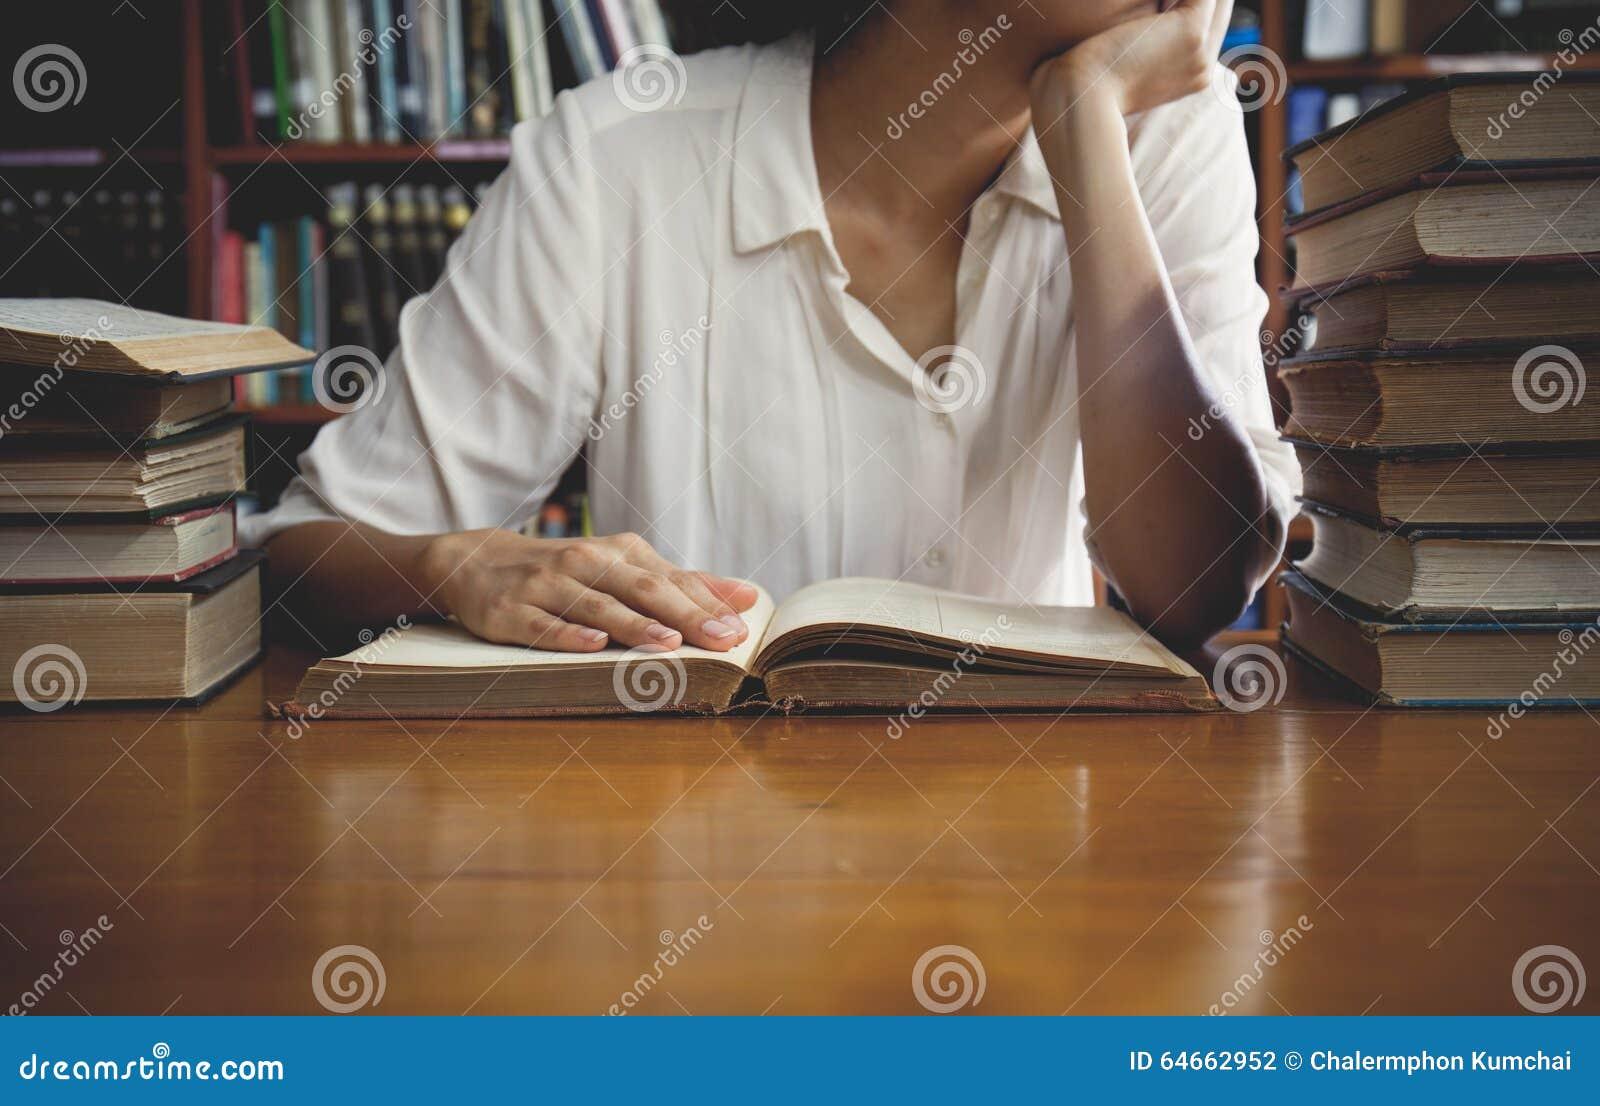 Tappningsignal av att läsa ett bokbegrepp